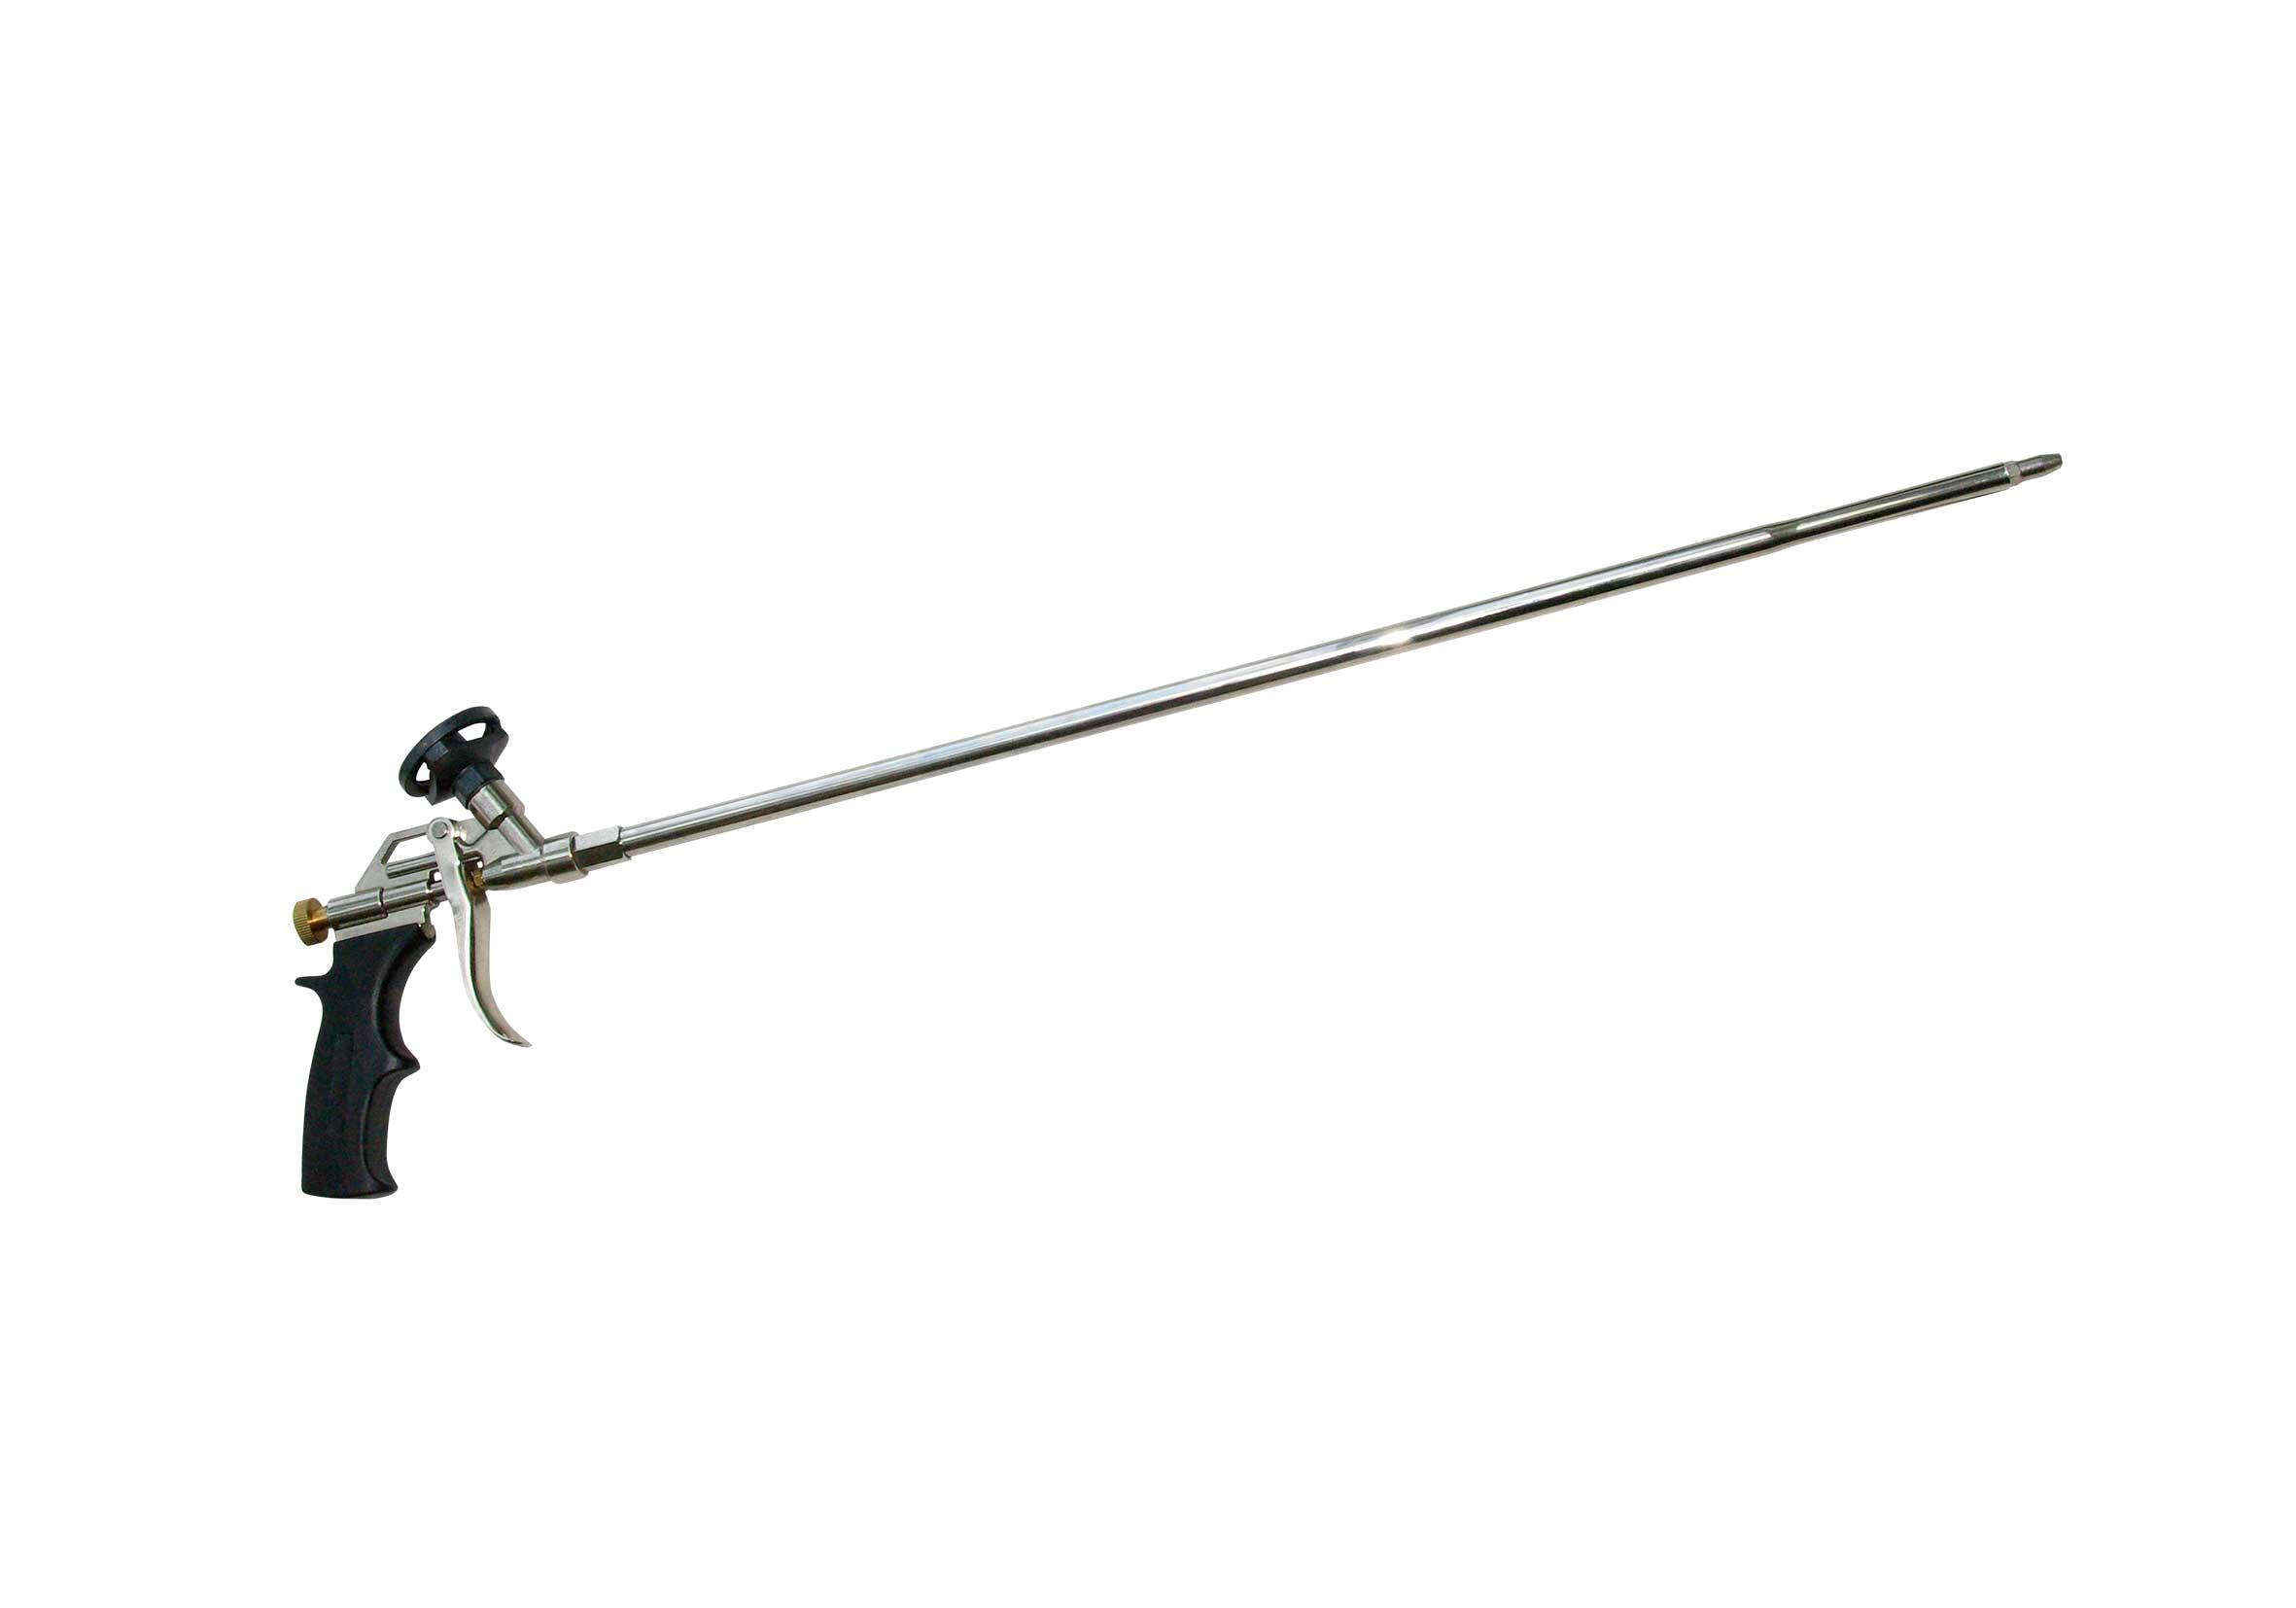 PU-Schaumpistole mit 60 cm Lanze / PU-Foam Gun with 60 cm lance